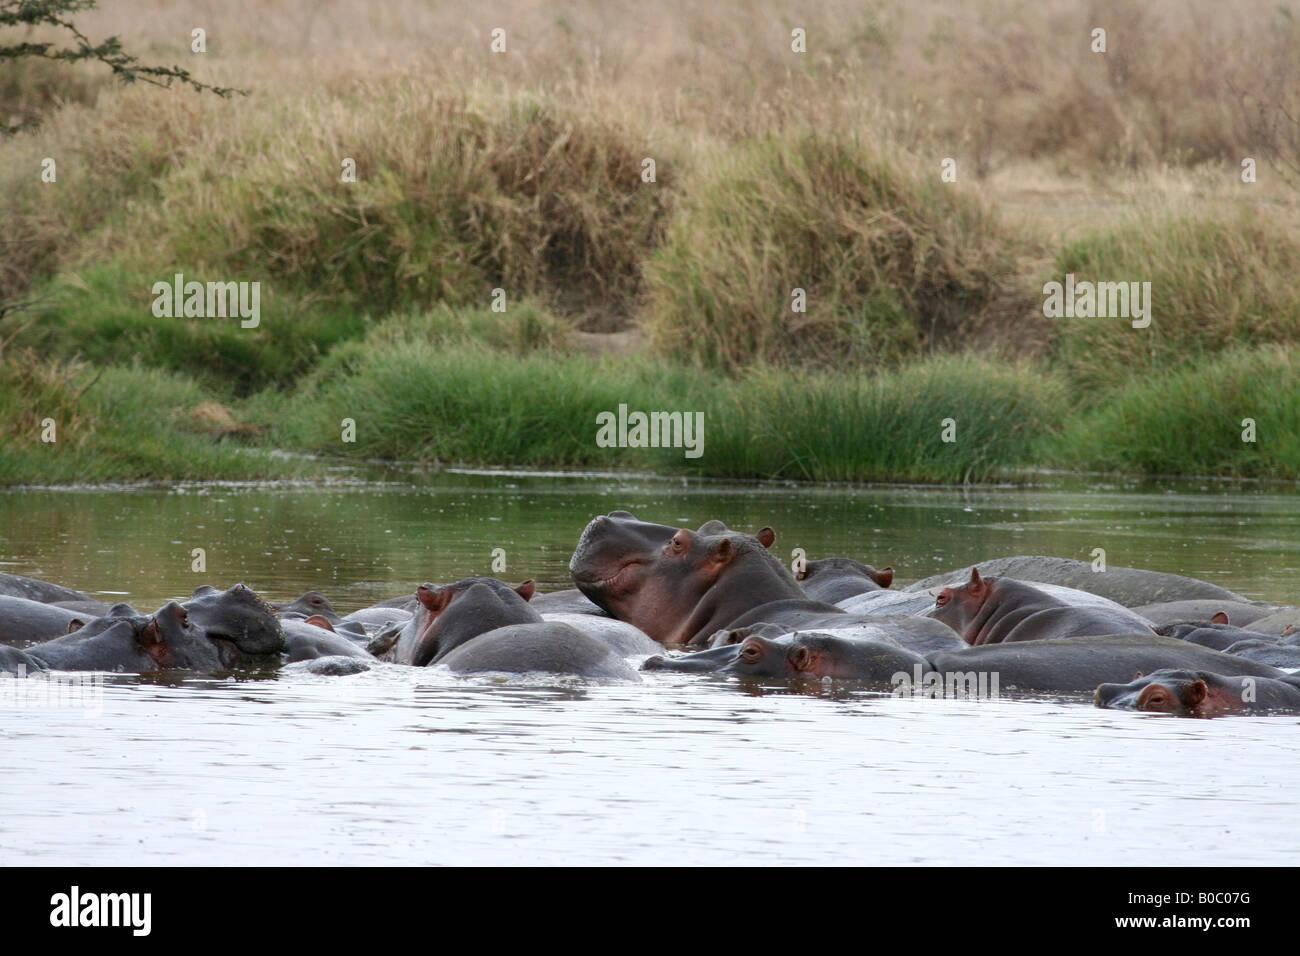 Les hippopotames se baignant dans un étang dans le Parc National du Serengeti, Tanzanie Banque D'Images